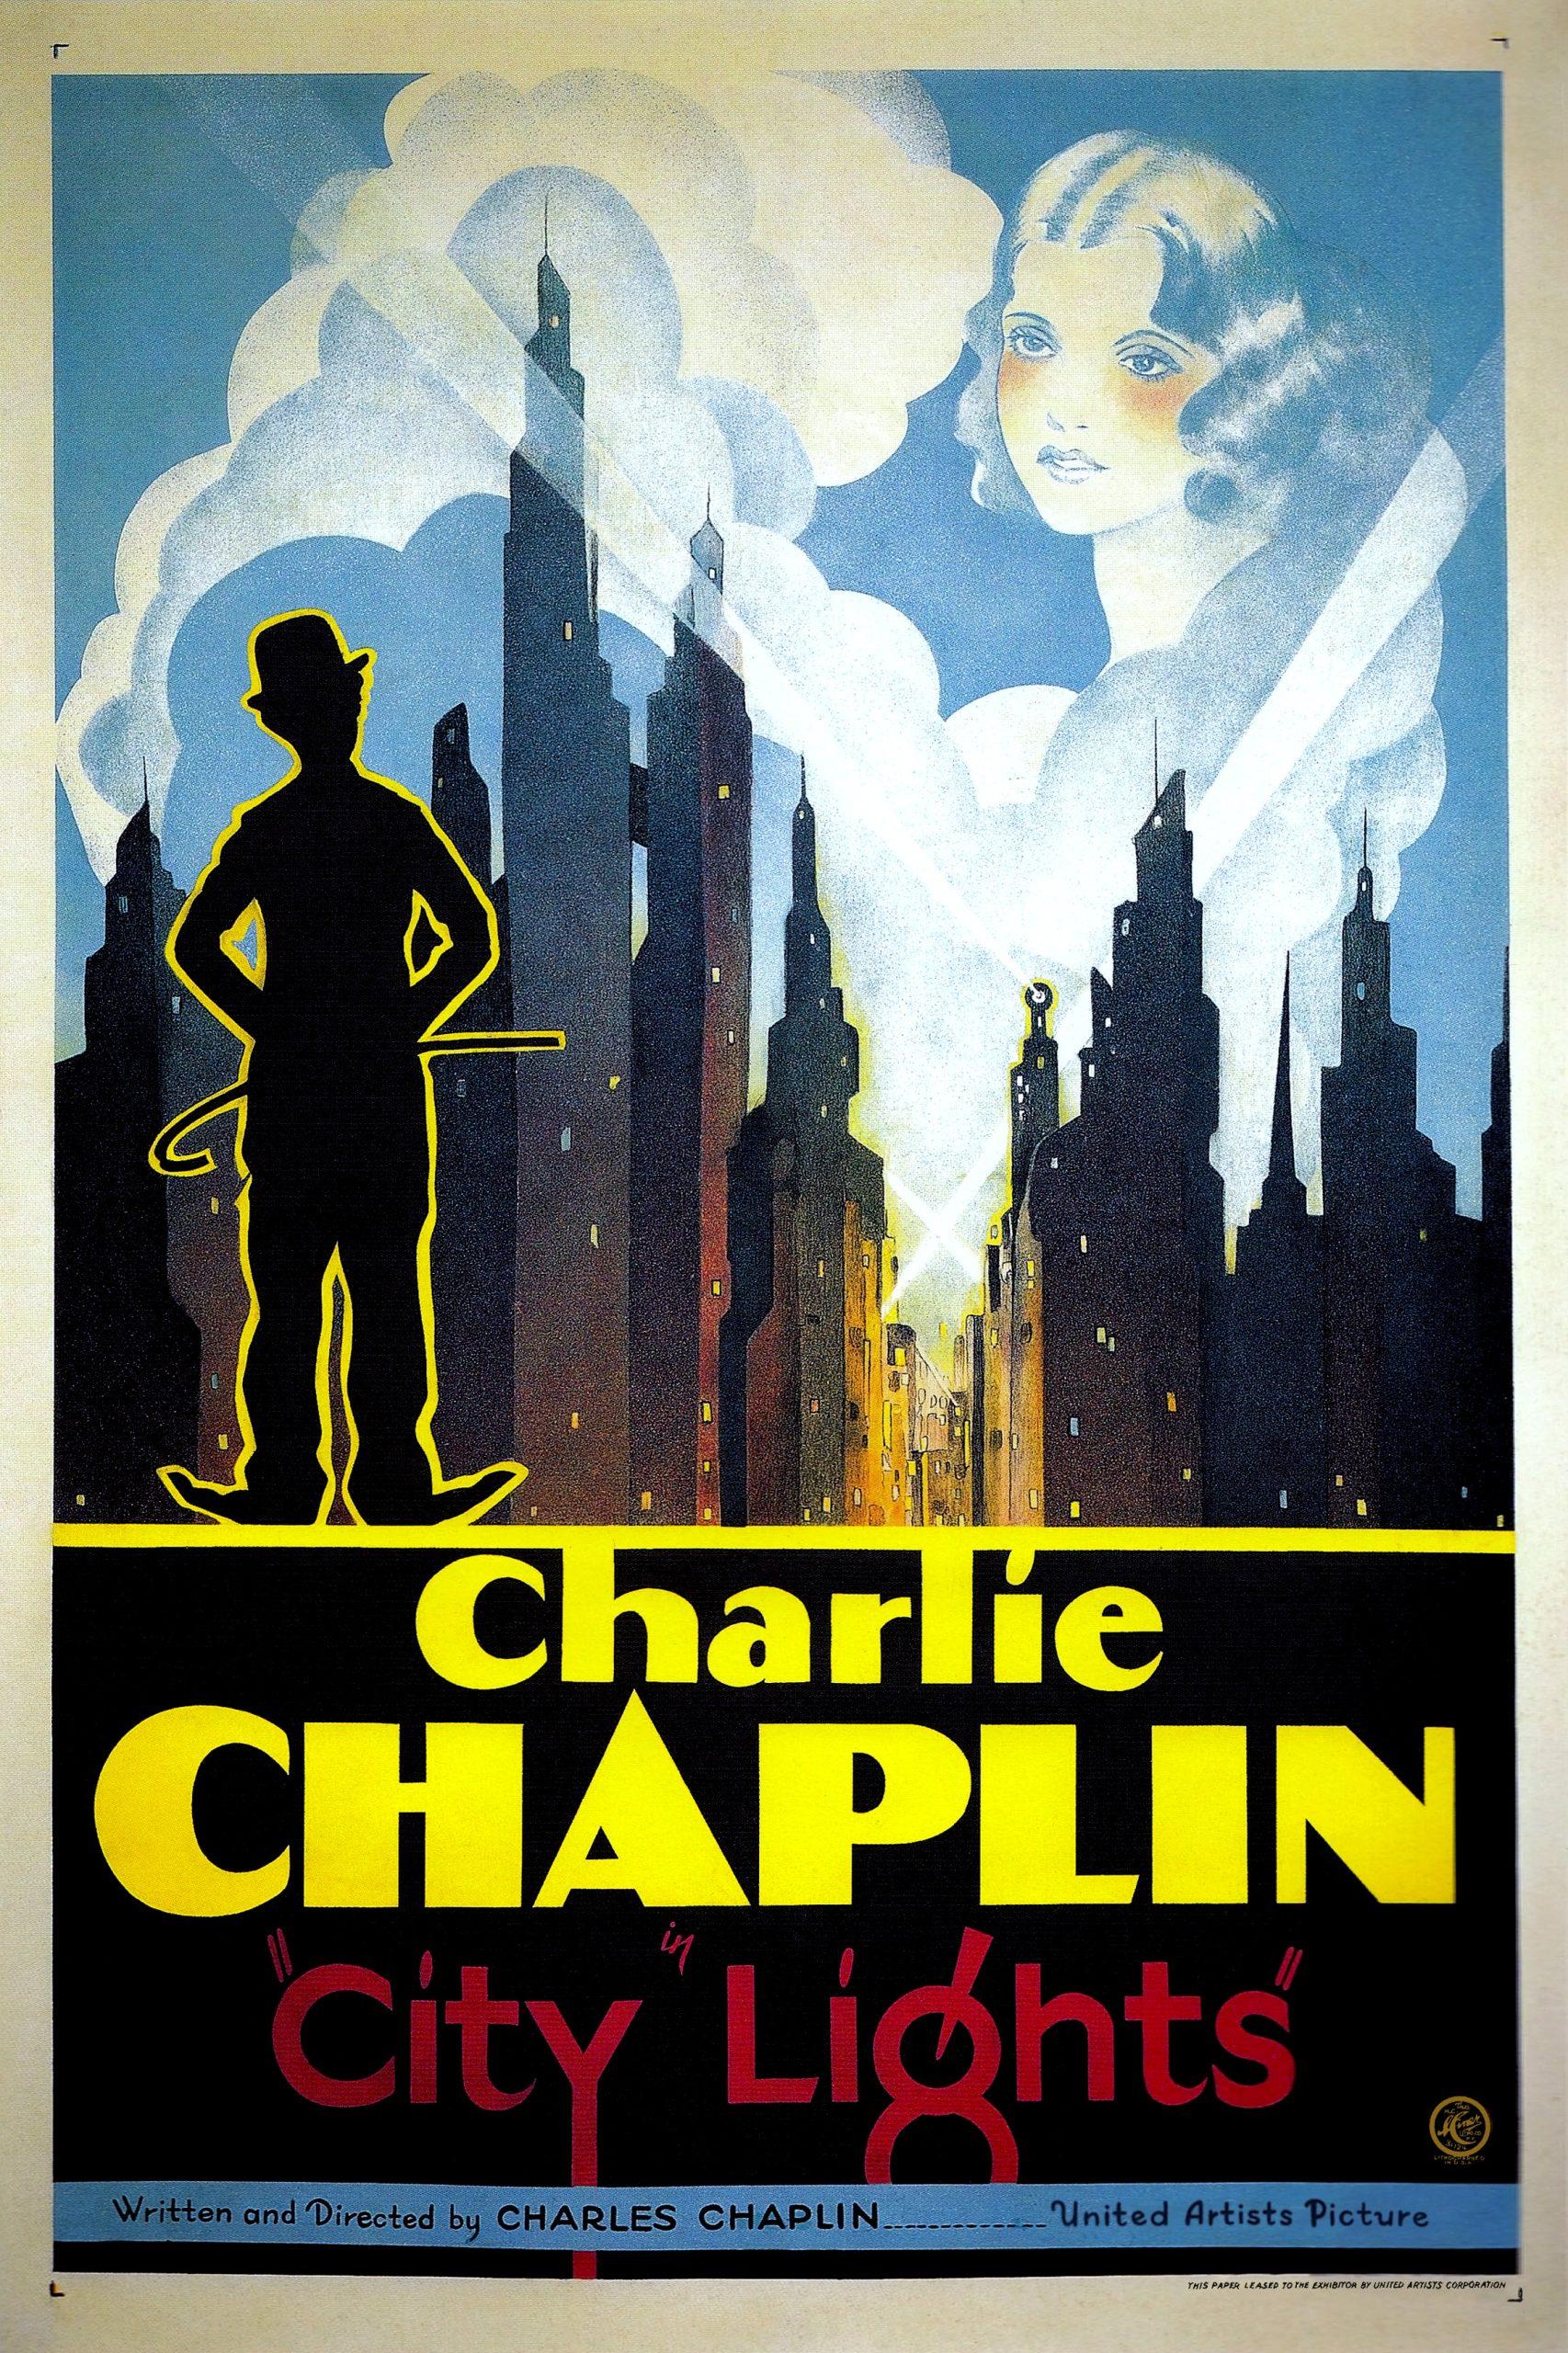 ดูหนังออนไลน์ฟรี City Lights (1931) แสงสว่างของเมือง หนังเต็มเรื่อง หนังมาสเตอร์ ดูหนังHD ดูหนังออนไลน์ ดูหนังใหม่